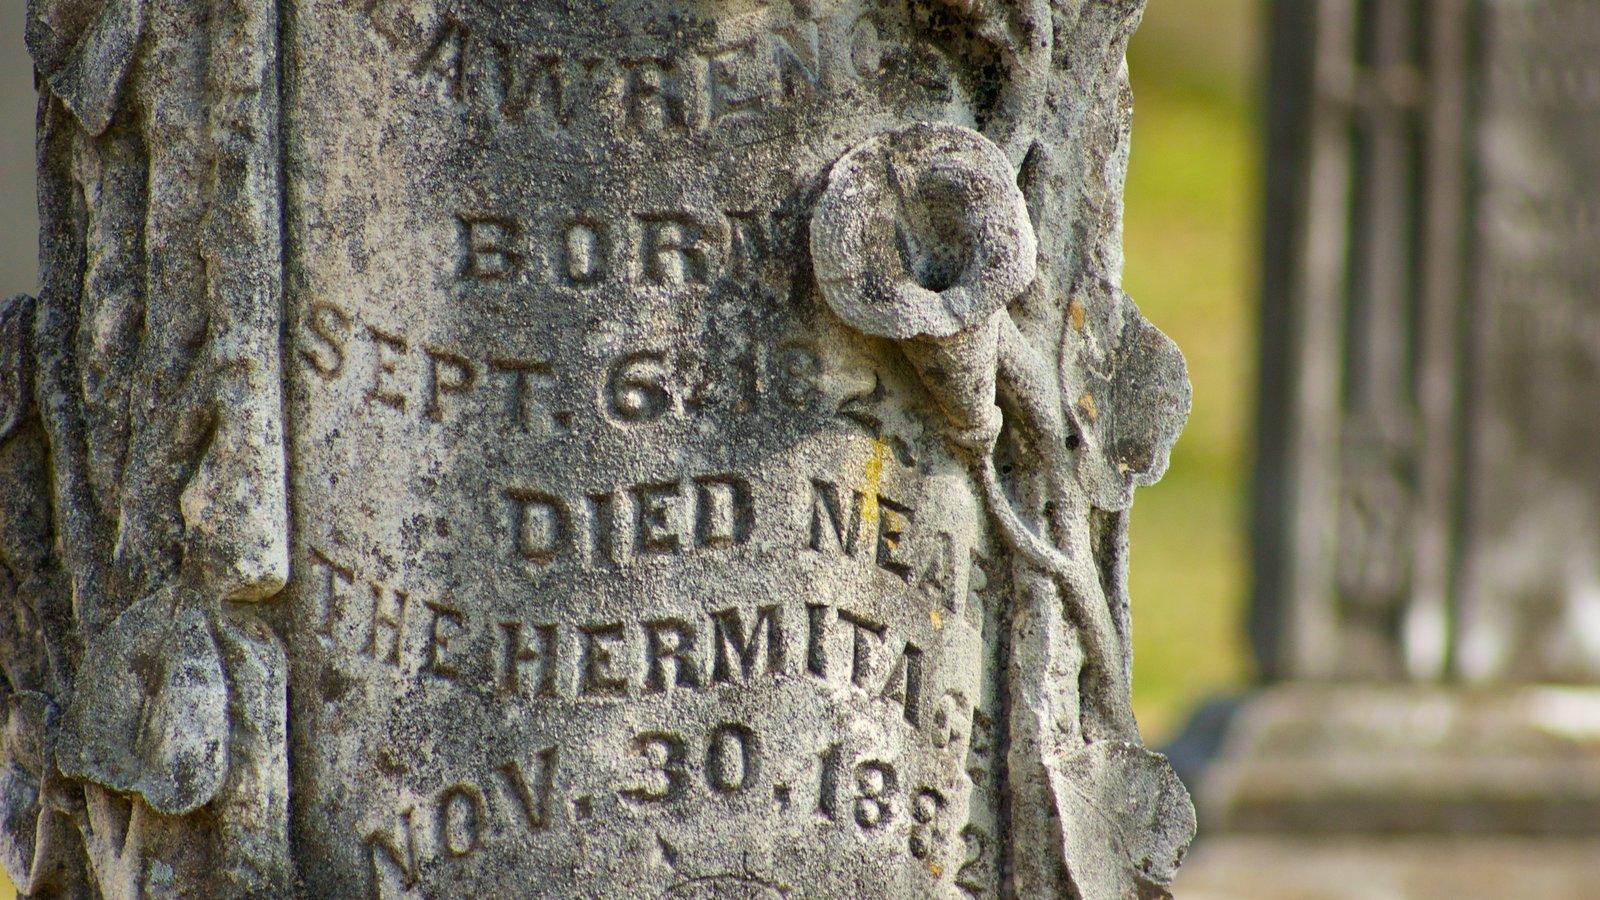 The Hermitage que incluye un monumento y un cementerio